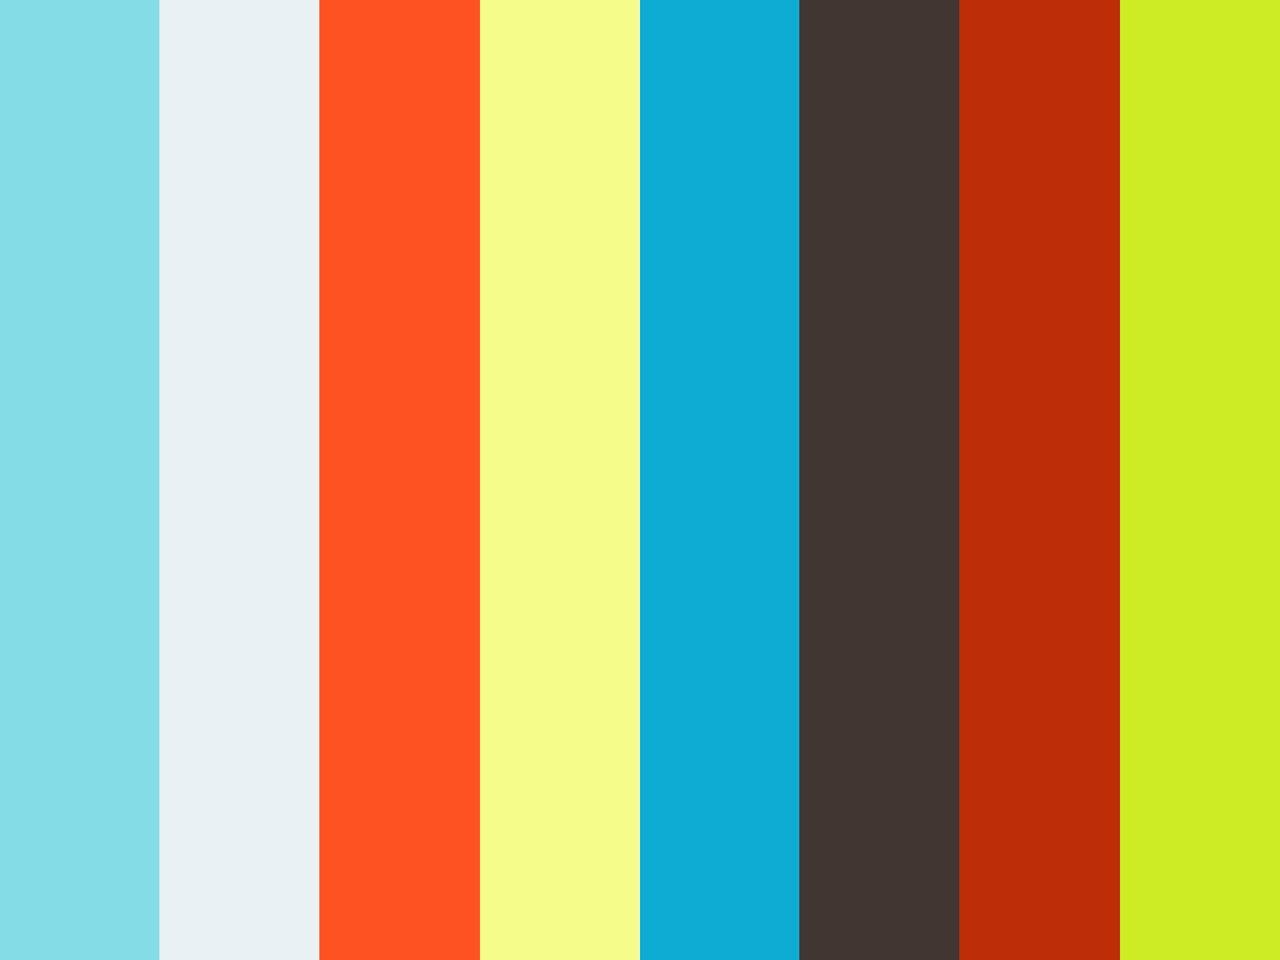 """""""La habitación de los libros prohibidos"""" de Alicia Framis - Blueproject Foundation 20.01.17 - 14.05.17g"""